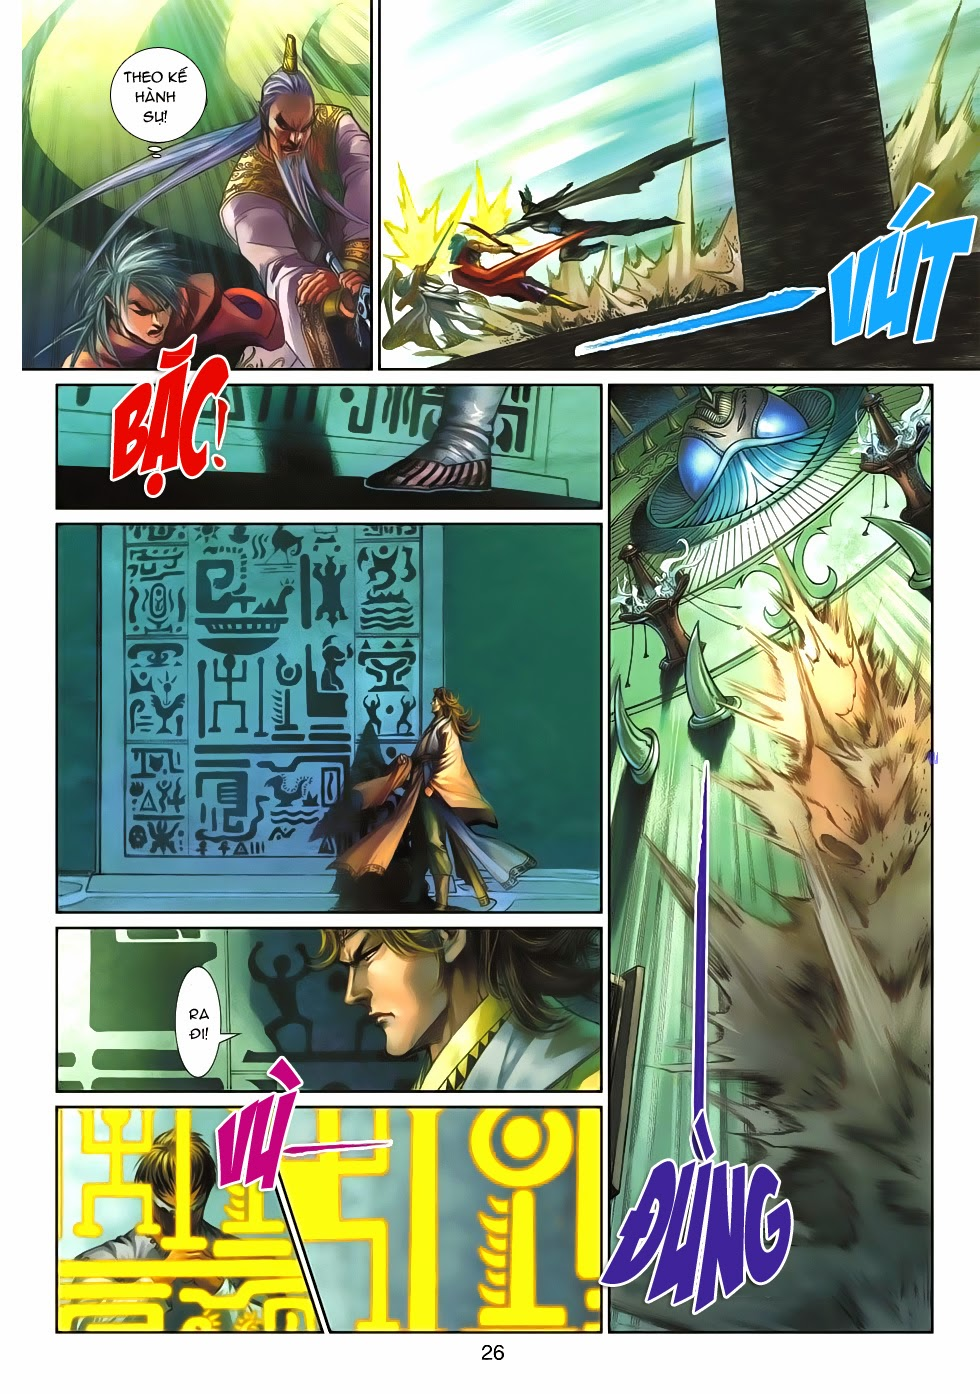 Thần Binh Tiền Truyện 4 - Huyền Thiên Tà Đế chap 14 - Trang 26